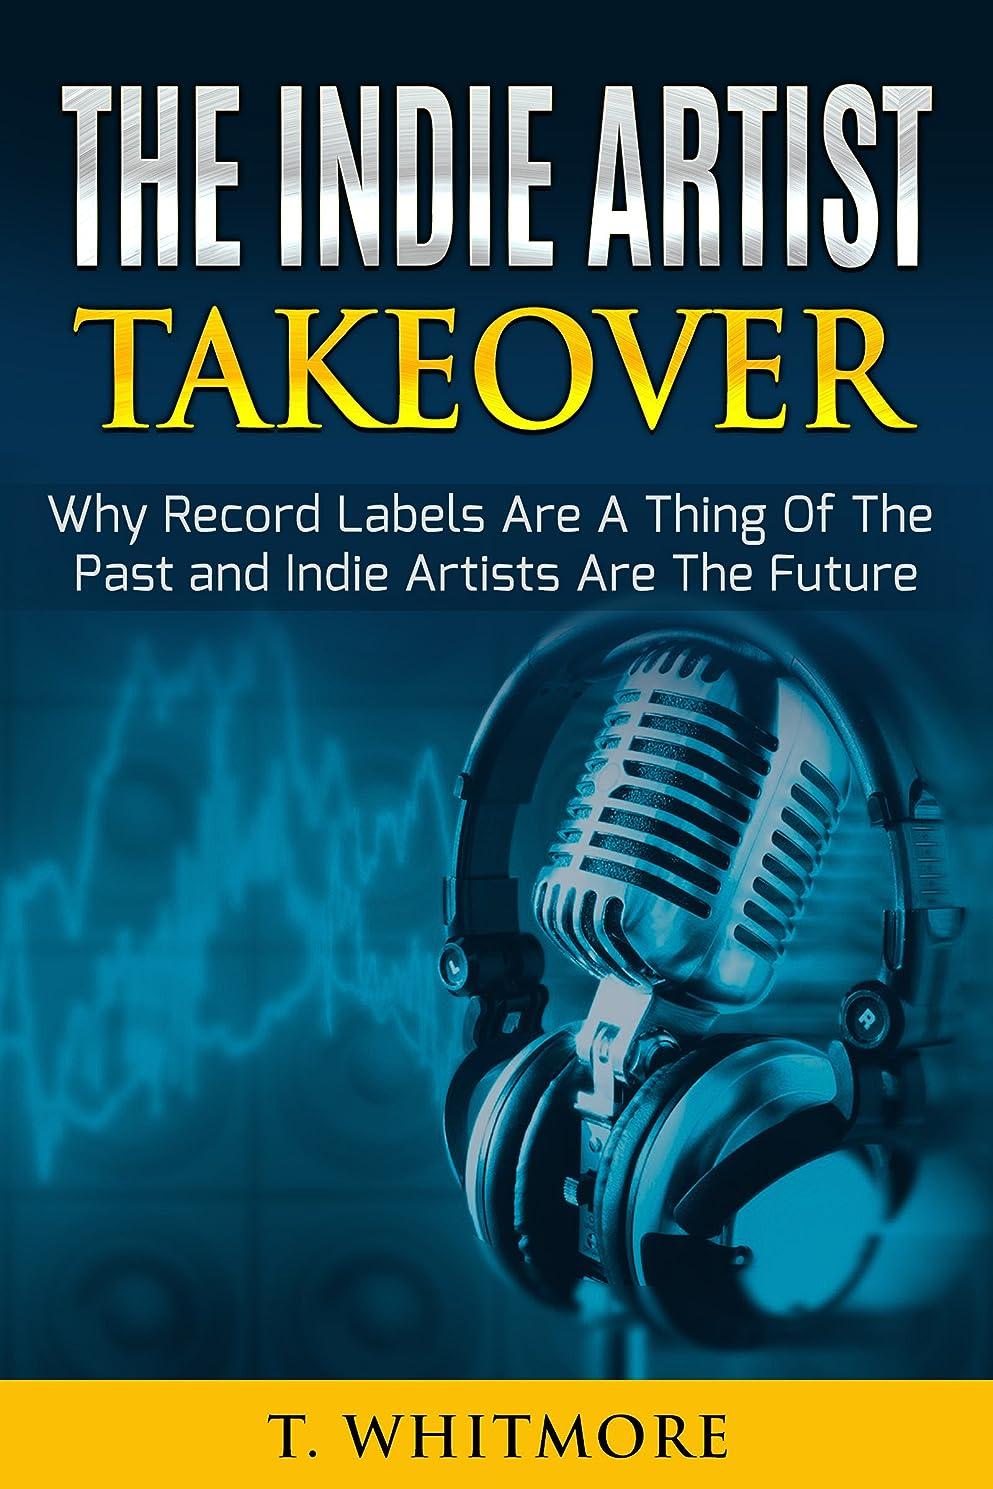 反抗不健全可能にするMusic Career: The Indie Artist Takeover (Why Record Labels Are A Thing Of The Past and Indie Artists Are The Future) (English Edition)